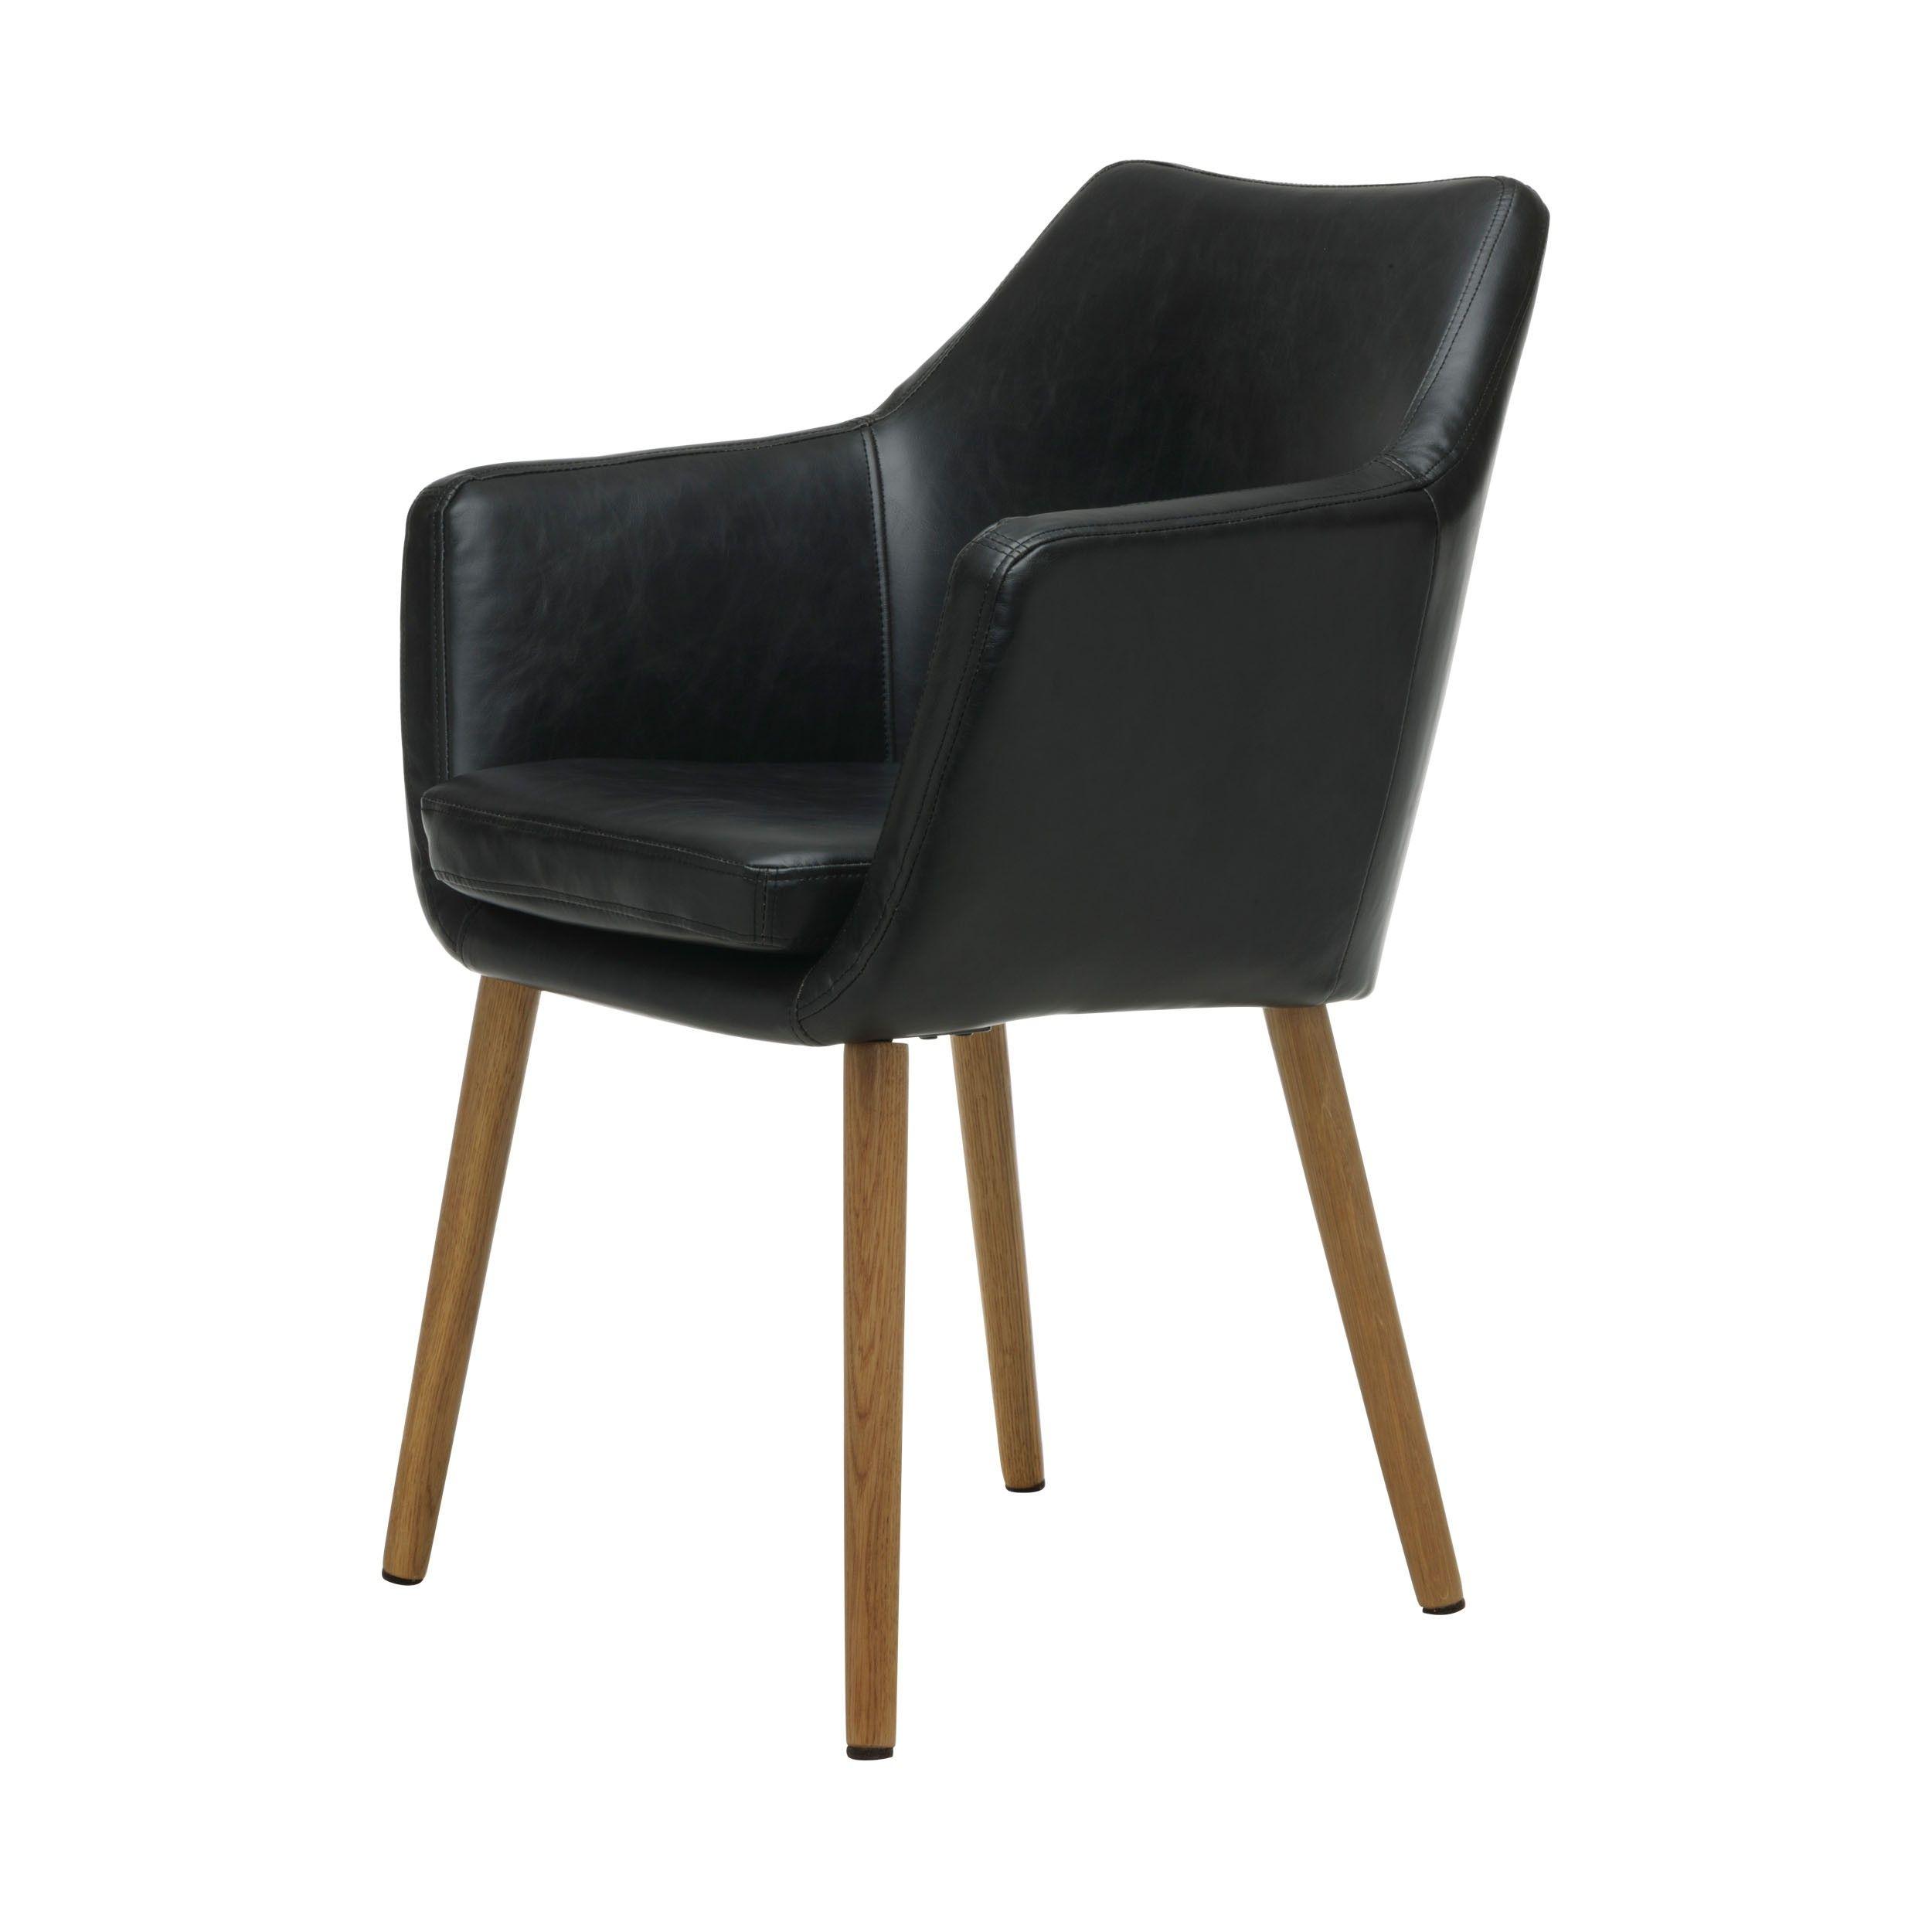 die besten 25 armlehnstuhl ideen auf pinterest ikea tritt armlehnstuhl esszimmer und. Black Bedroom Furniture Sets. Home Design Ideas